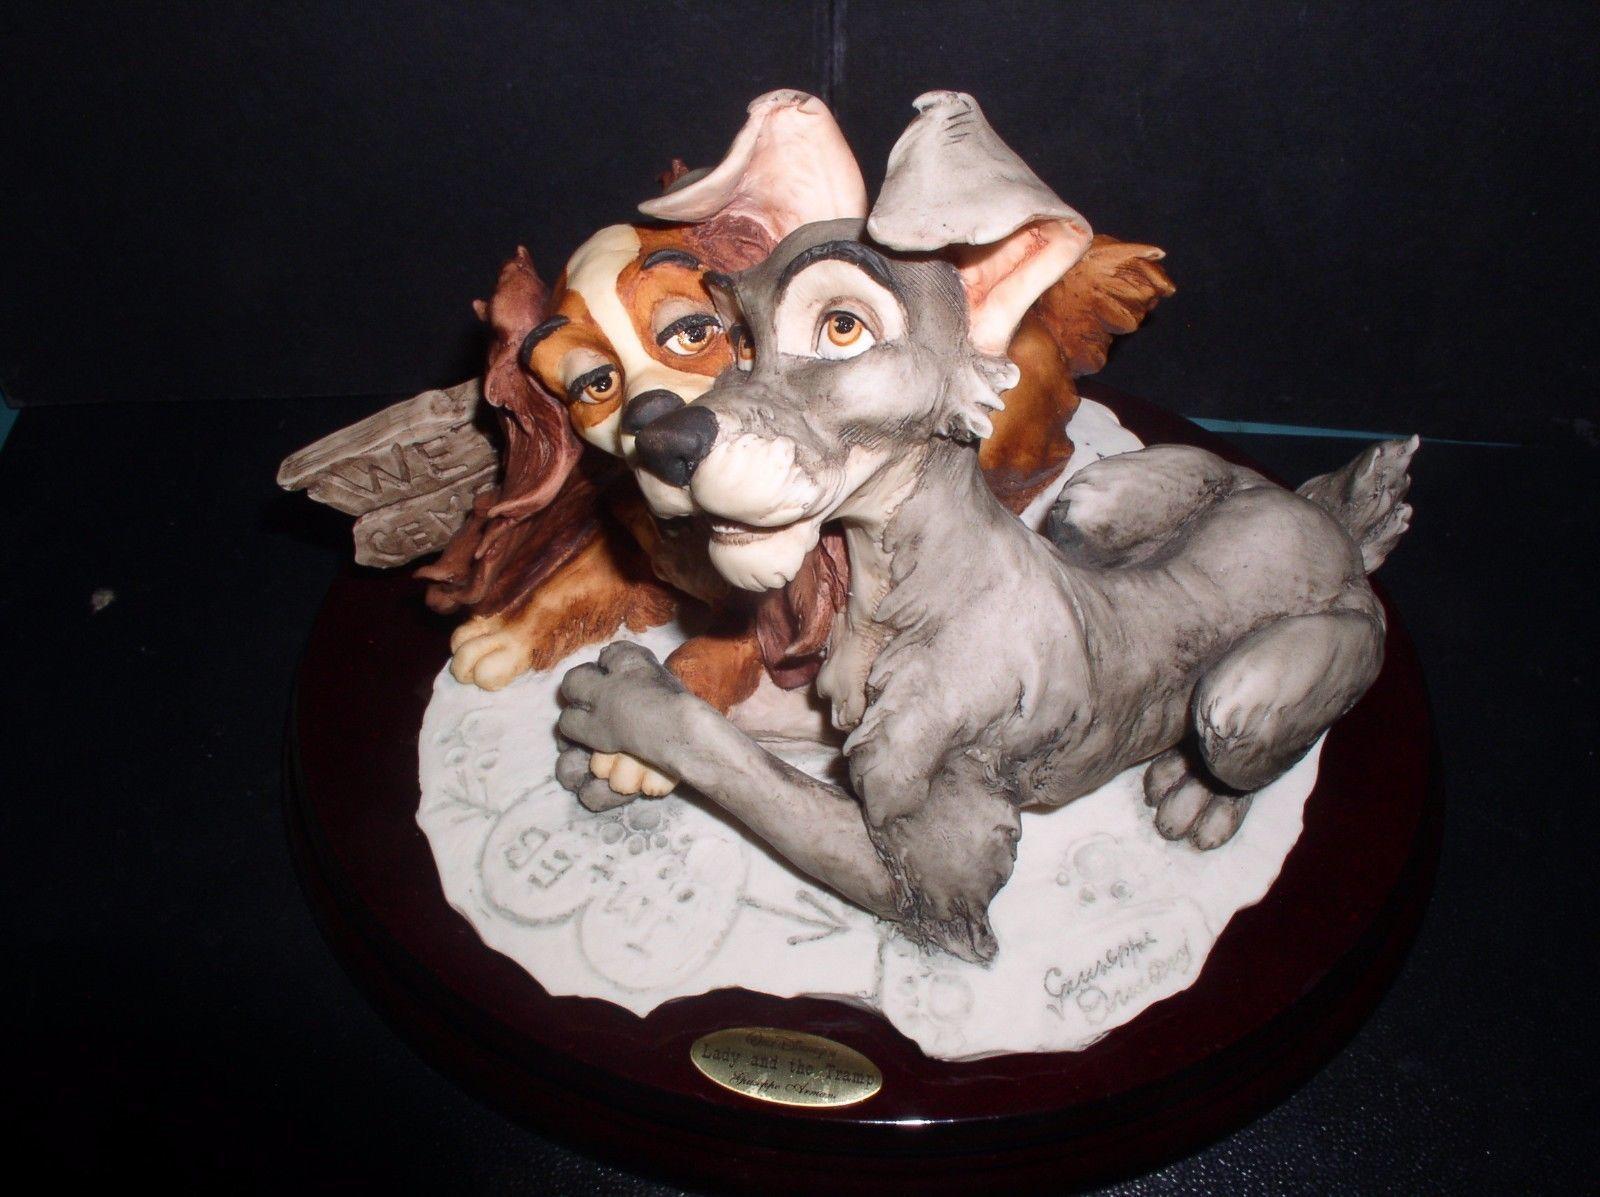 Lady and the Tramp Giuseppe Armani-Disney Figurine LE of 750 Mint COA orig Box